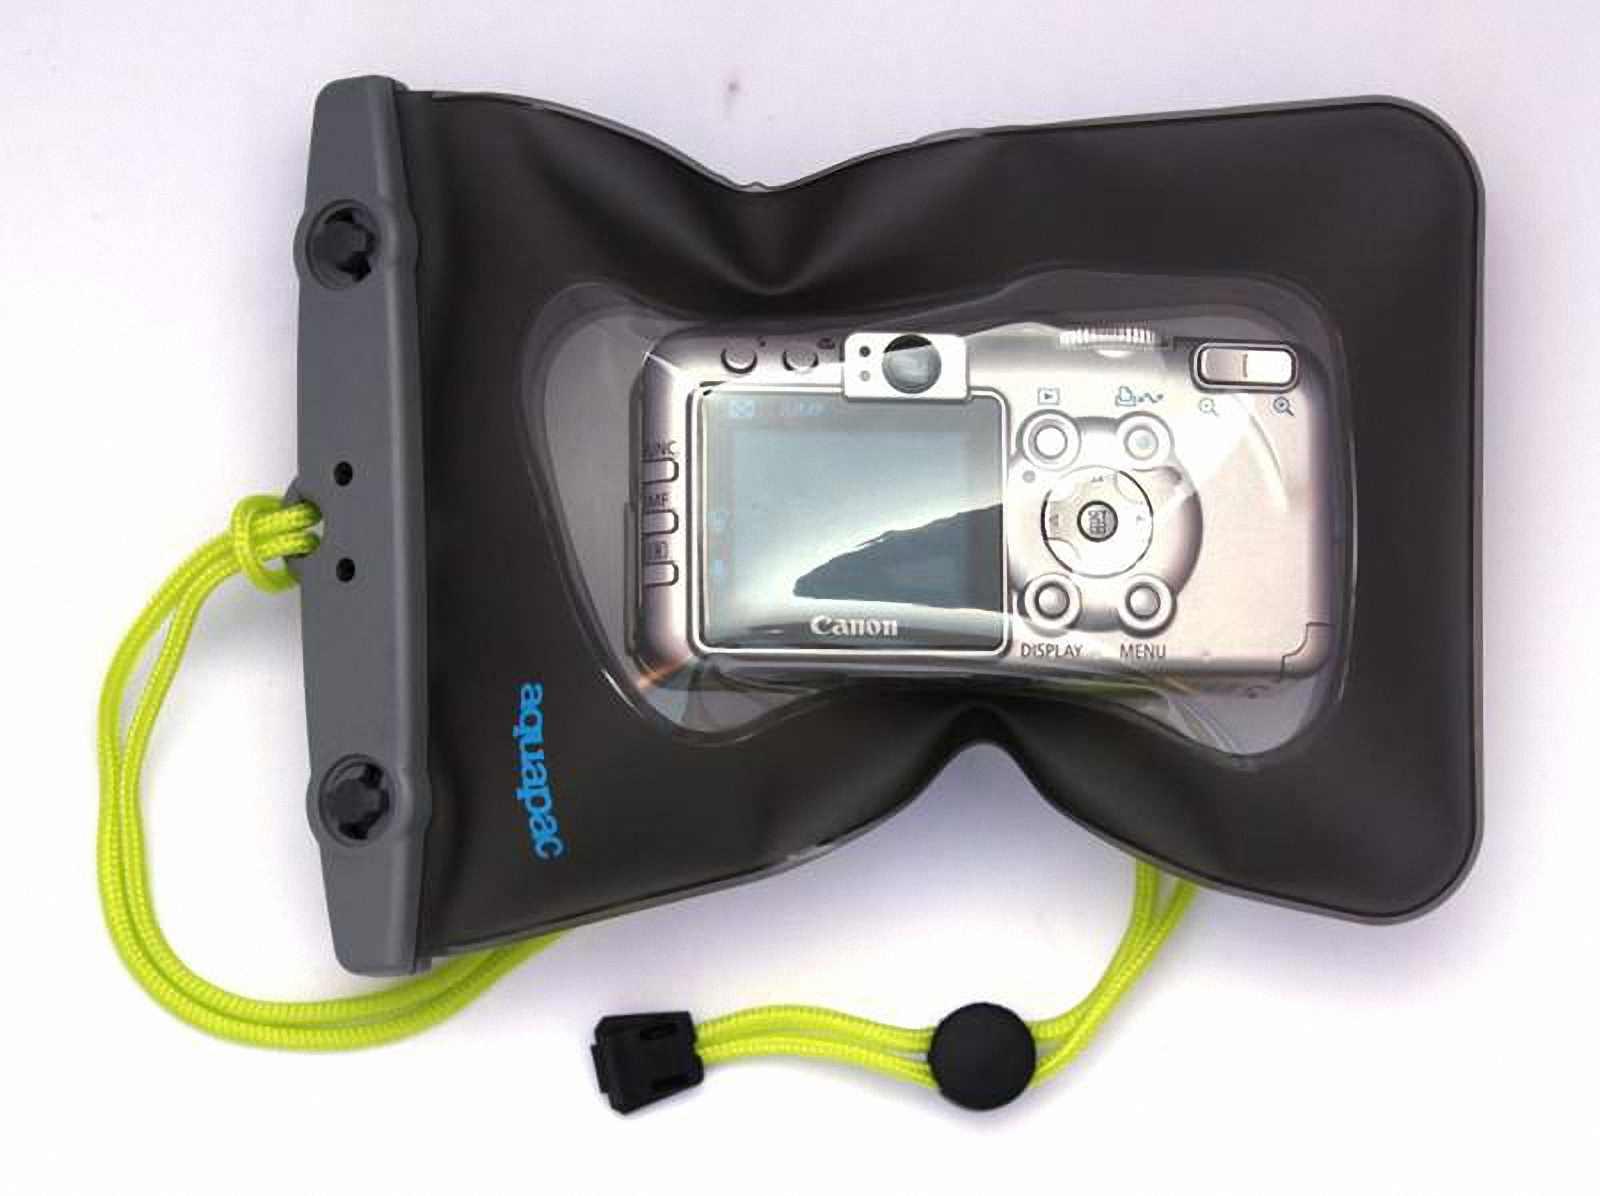 Водонепроницаемый чехол для фотоаппарата - Aquapac 418. Aquapac - №1 в мире водонепроницаемых чехлов и сумок. Фото 2